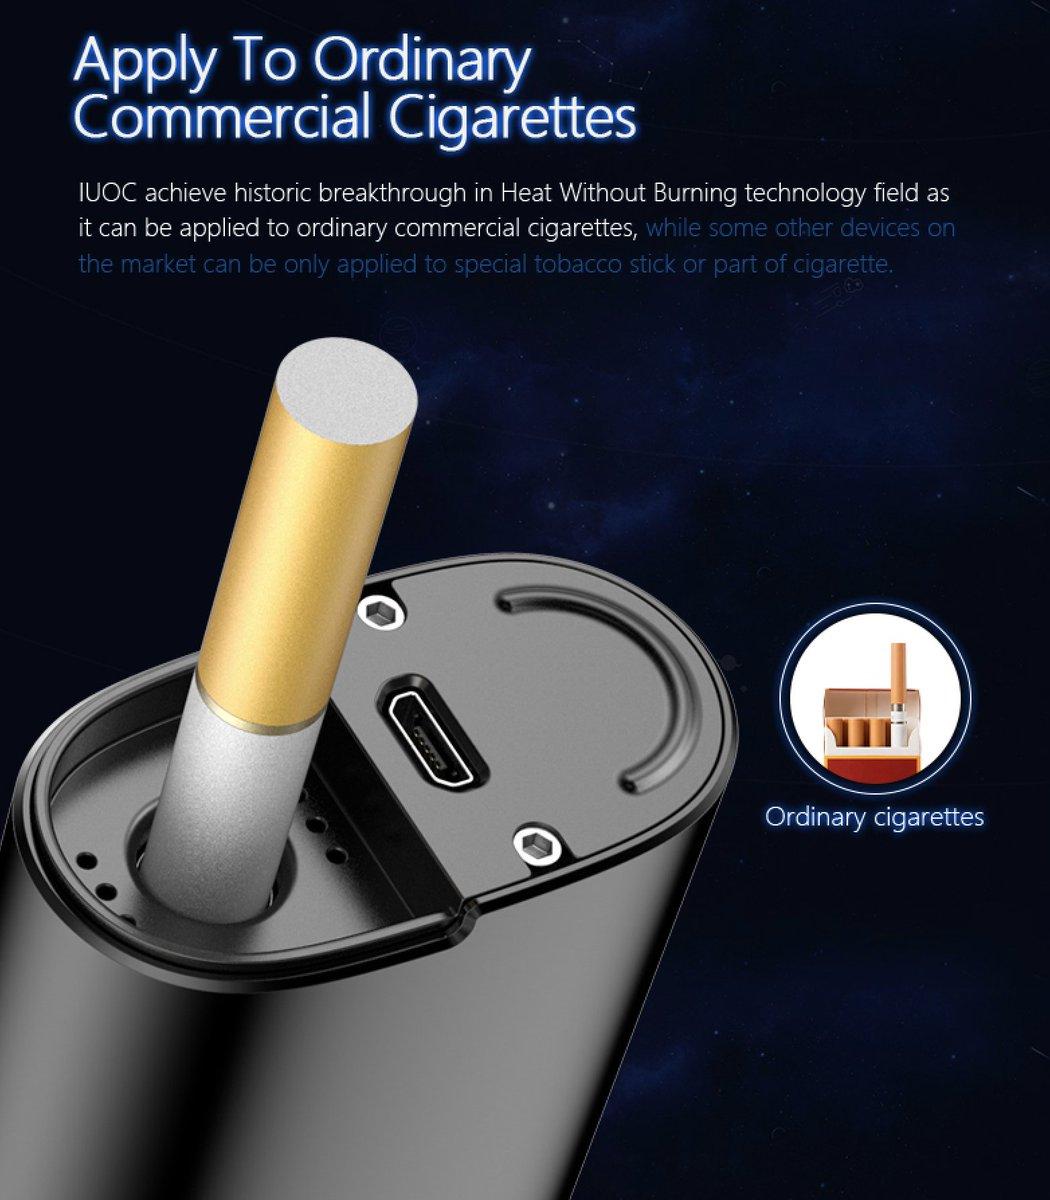 Bán IUOC Heating Kit 2900mAh Black chính hãng giá rẻ nhất tp hcm